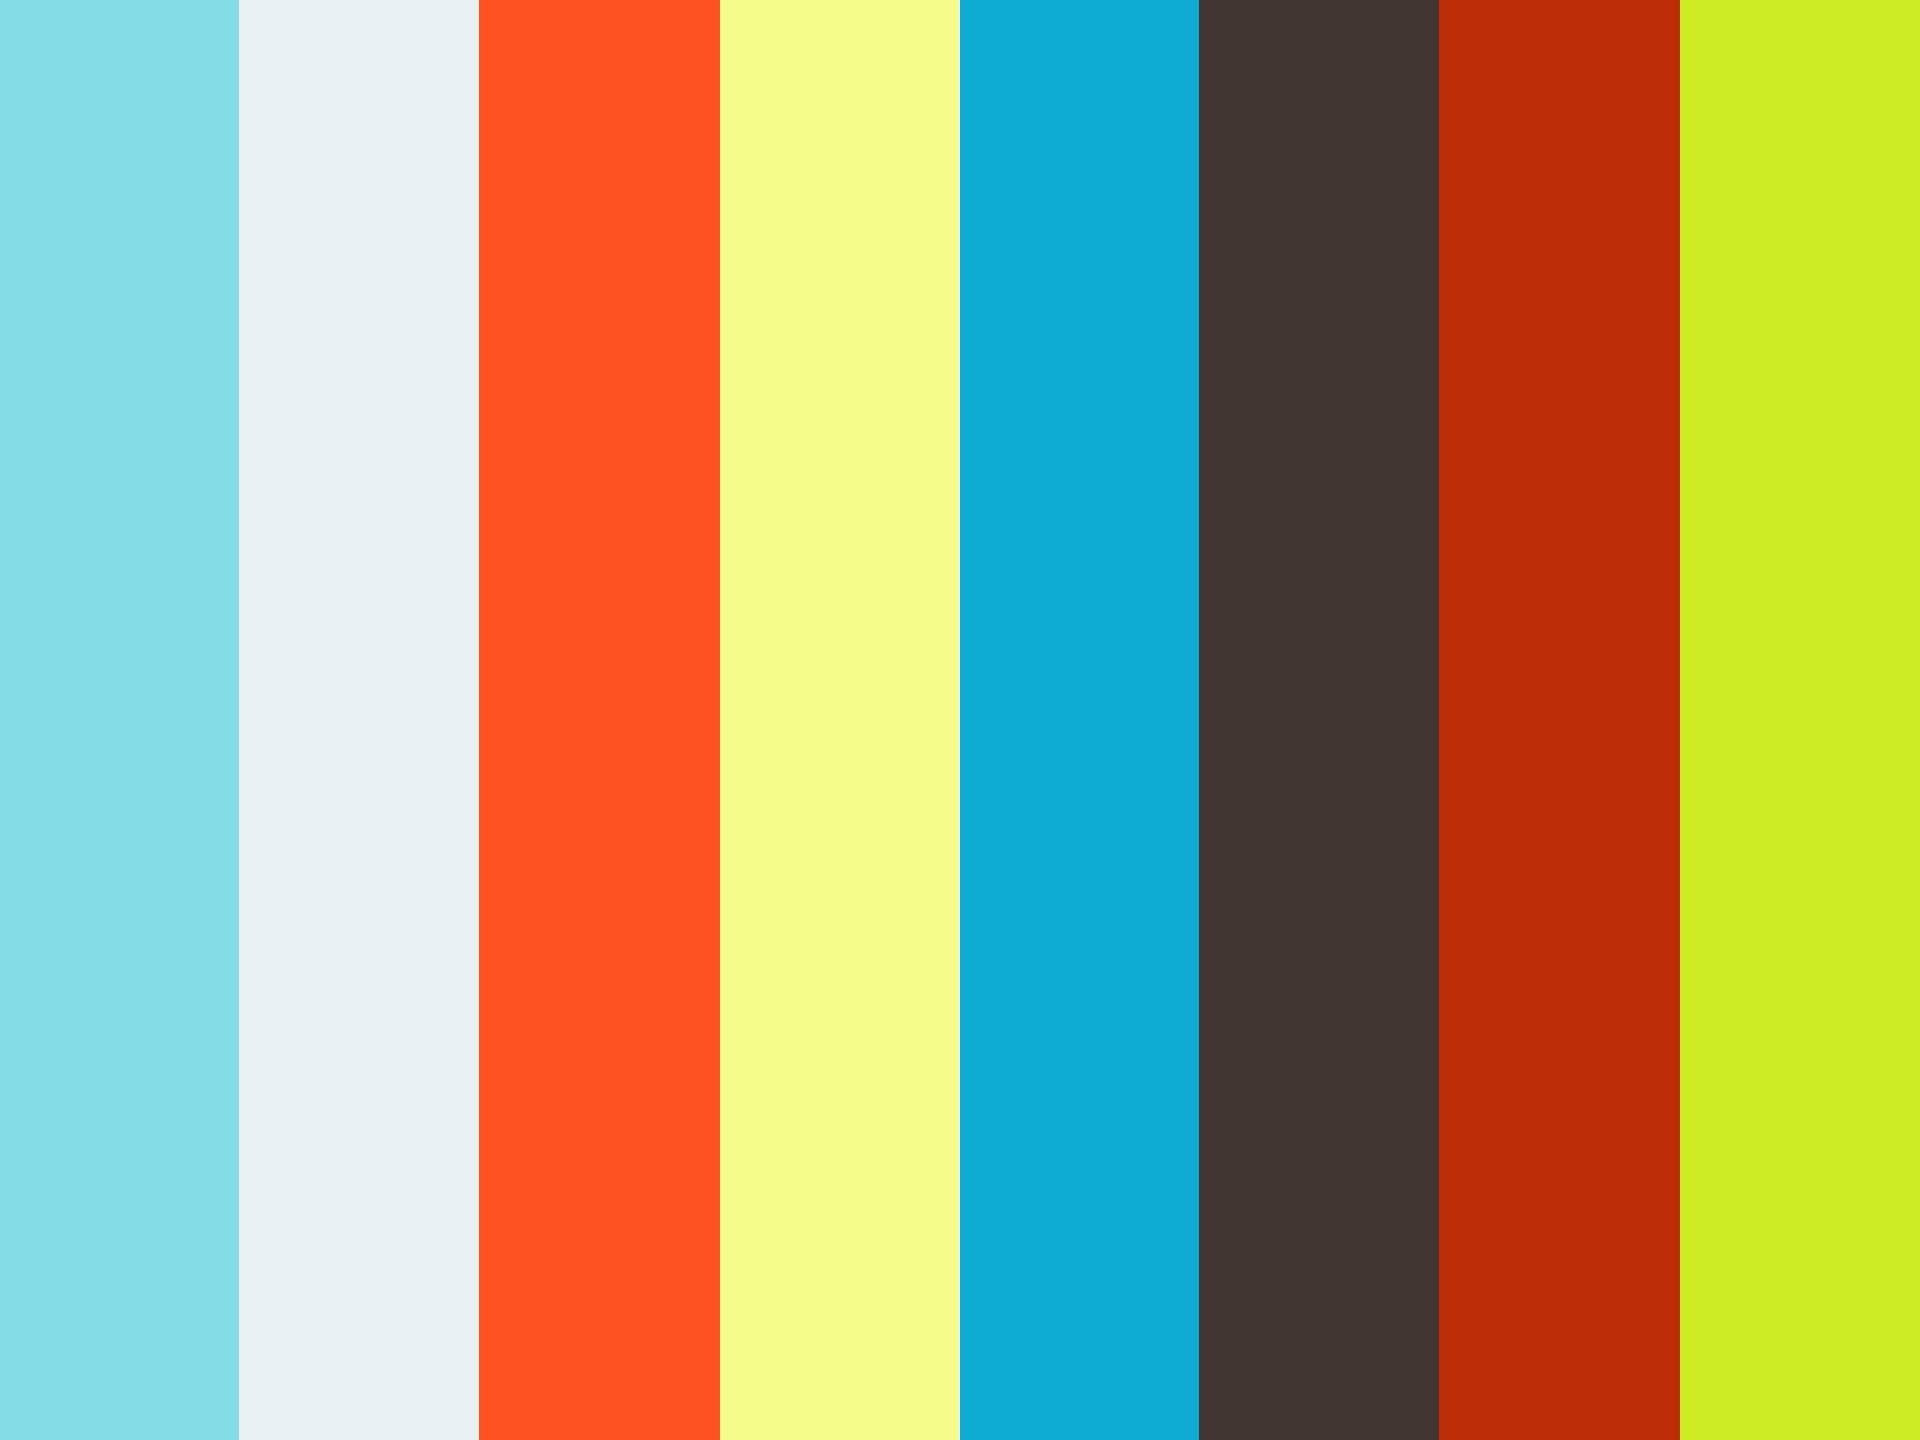 TOYOTA COROLLA 1.6 - WHITE - 2017